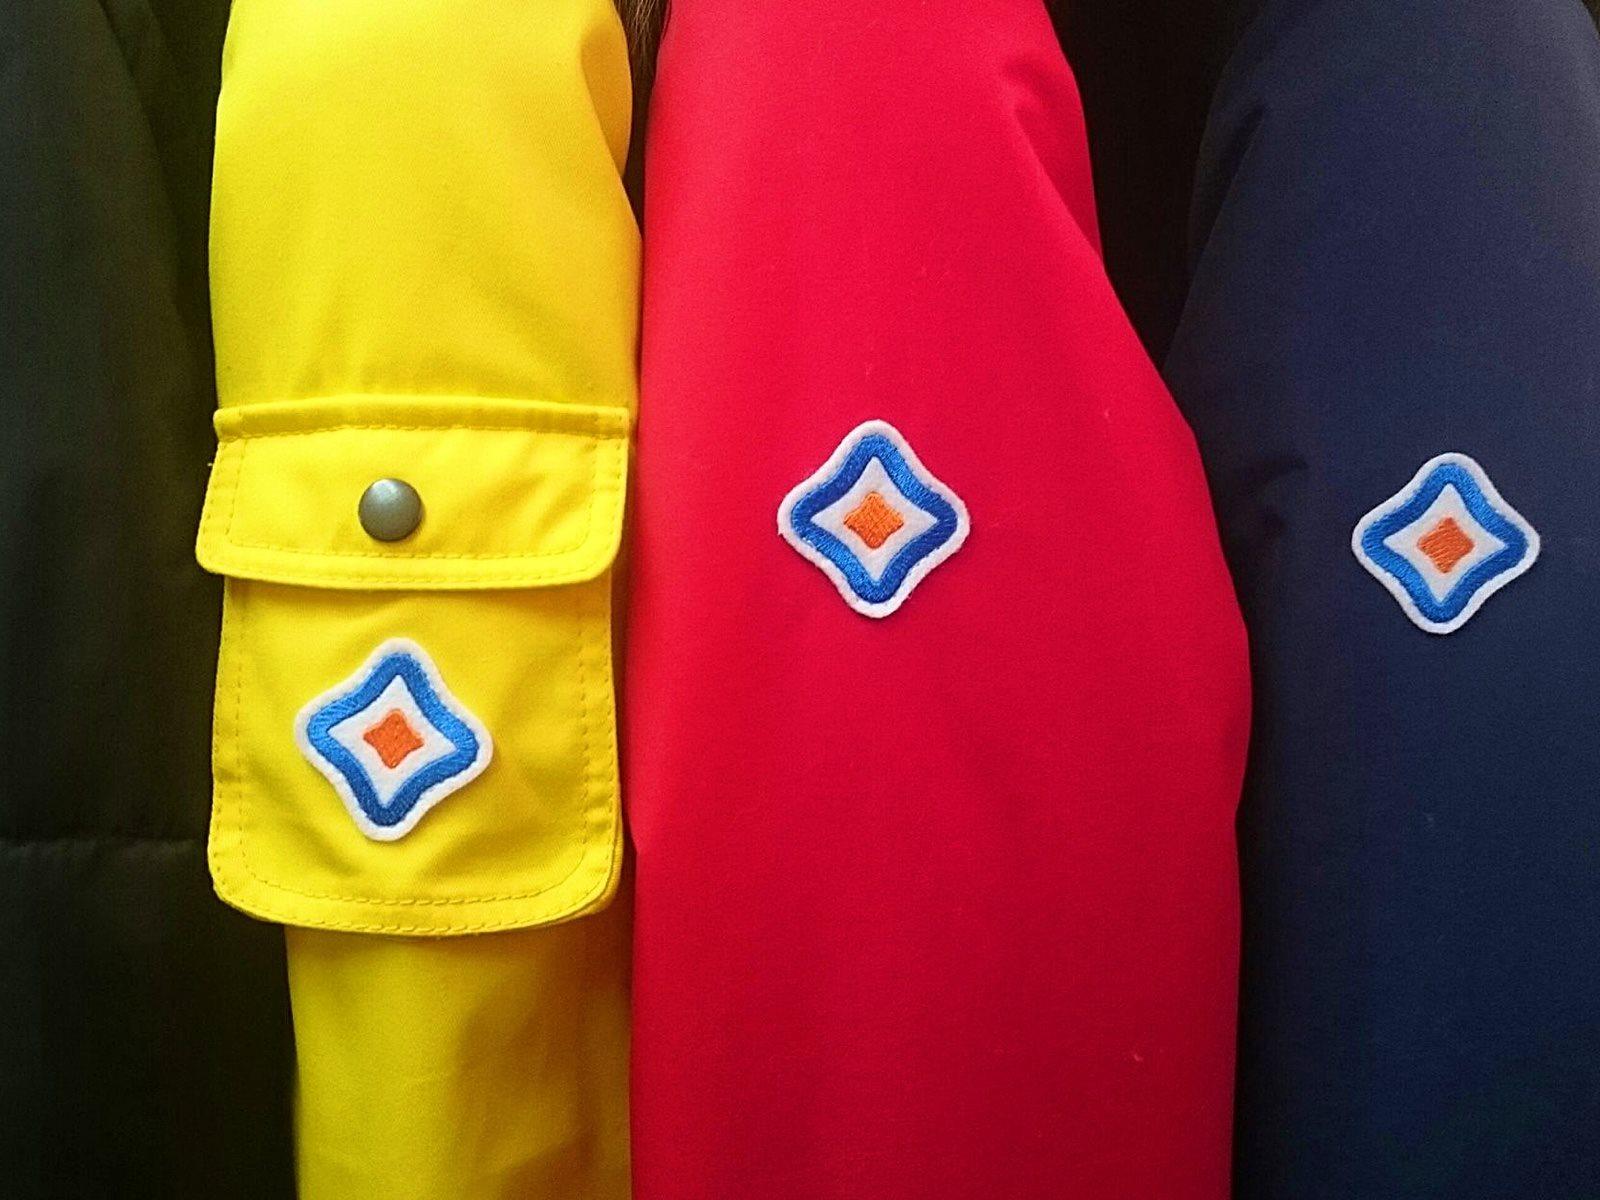 Компания Nordwestfur шьет удобные и функциональные куртки для путешествий и города